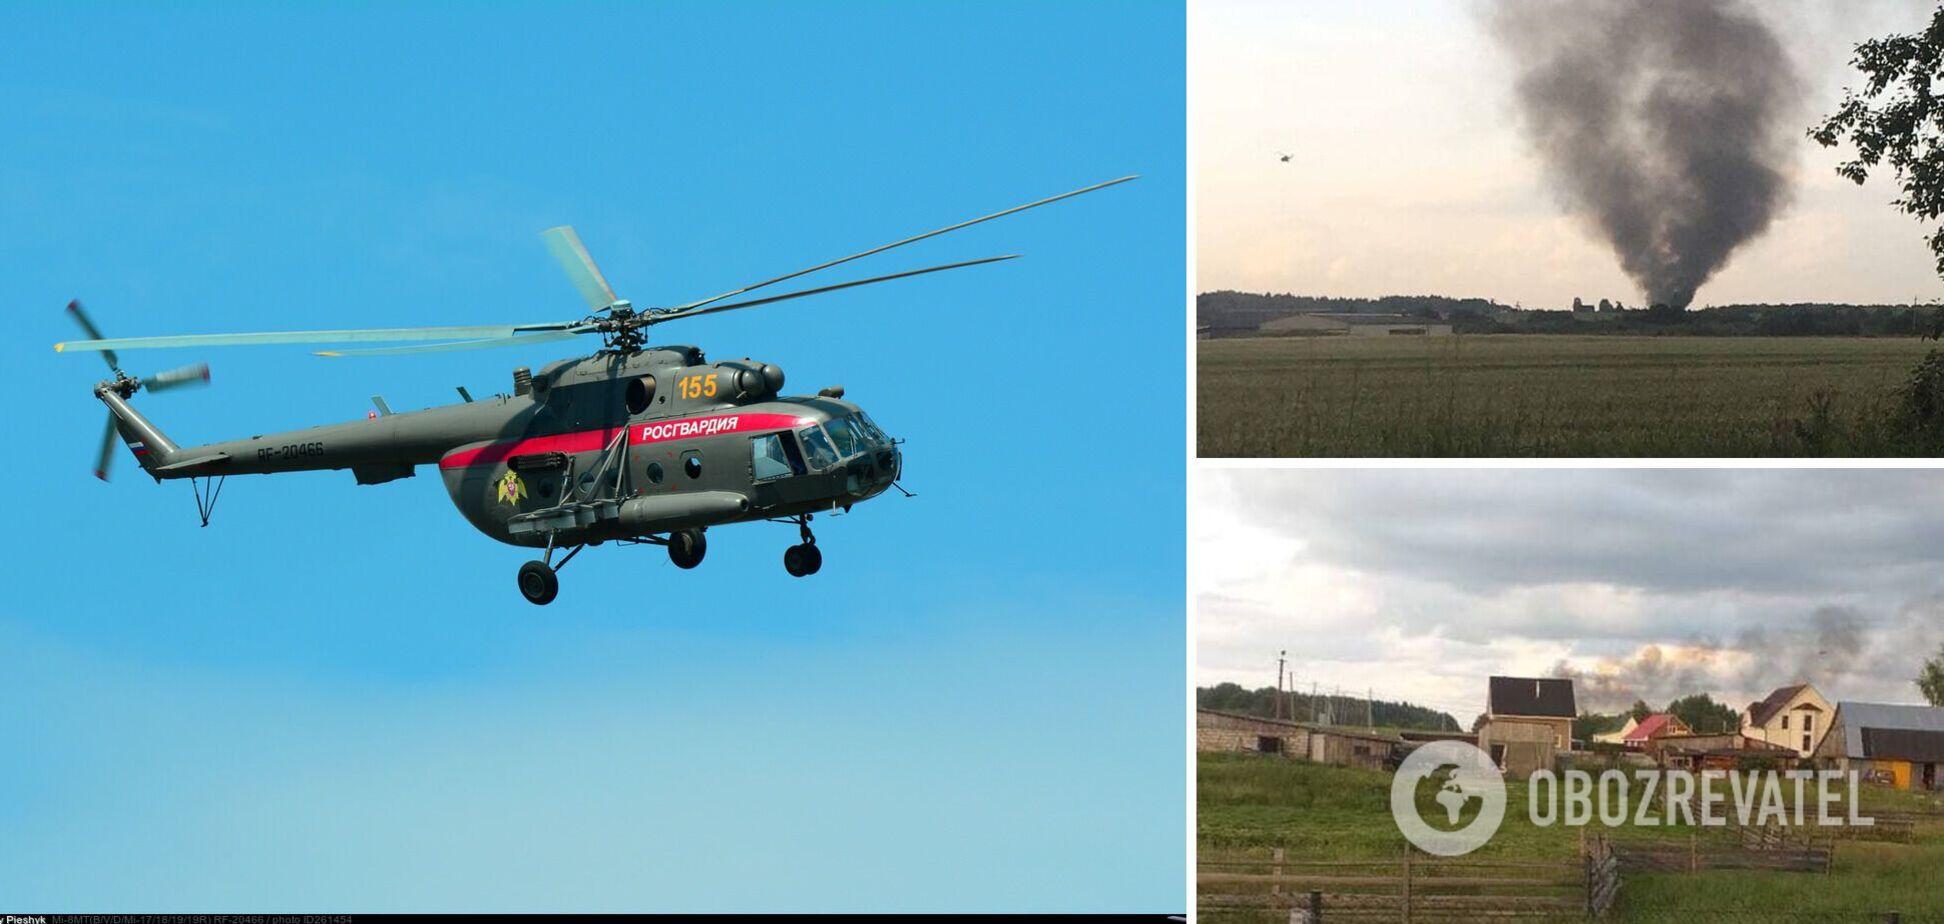 В России упал военный вертолет: погибли три росгвардейца. Фото и видео